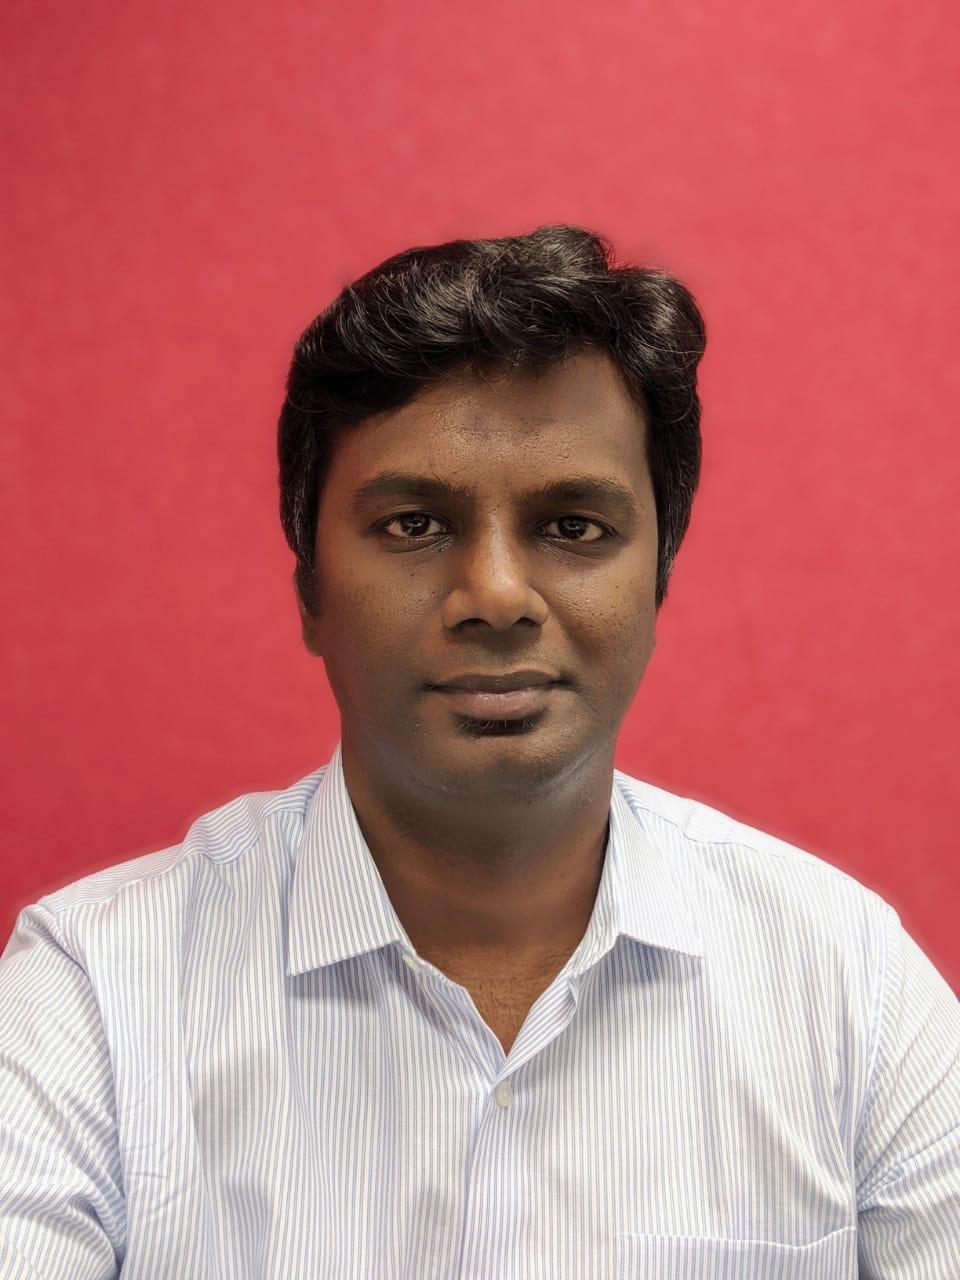 BSR Aravind